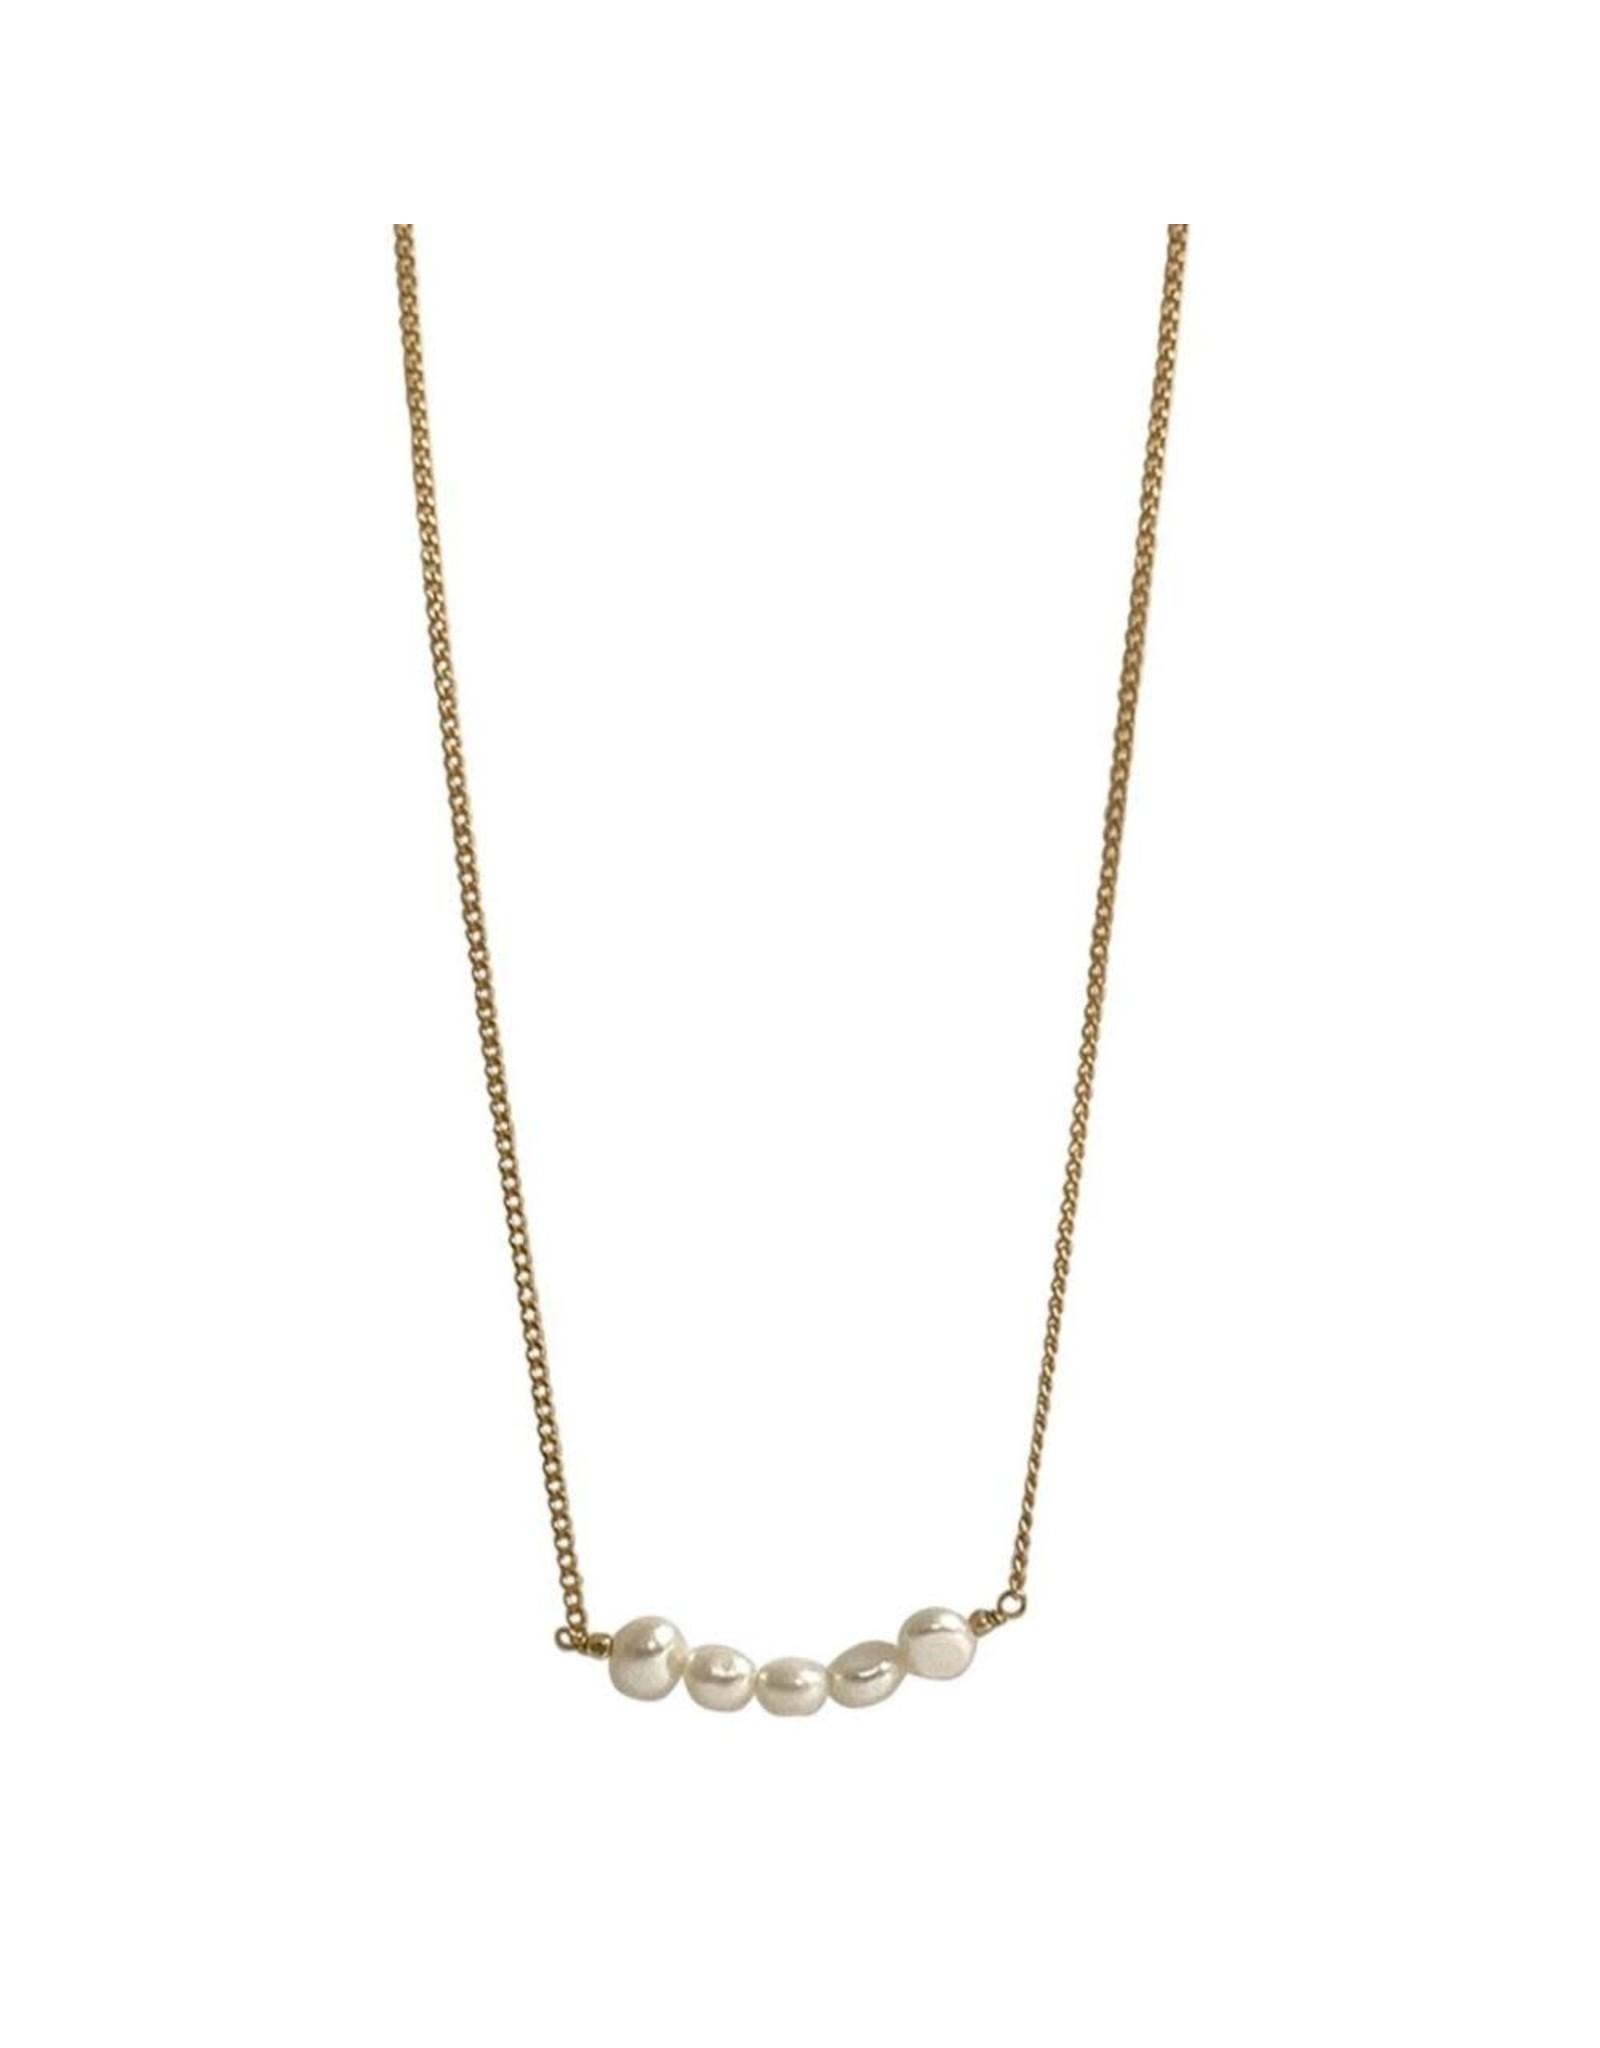 Ibu jewels ketting pearl bar ibu juwels